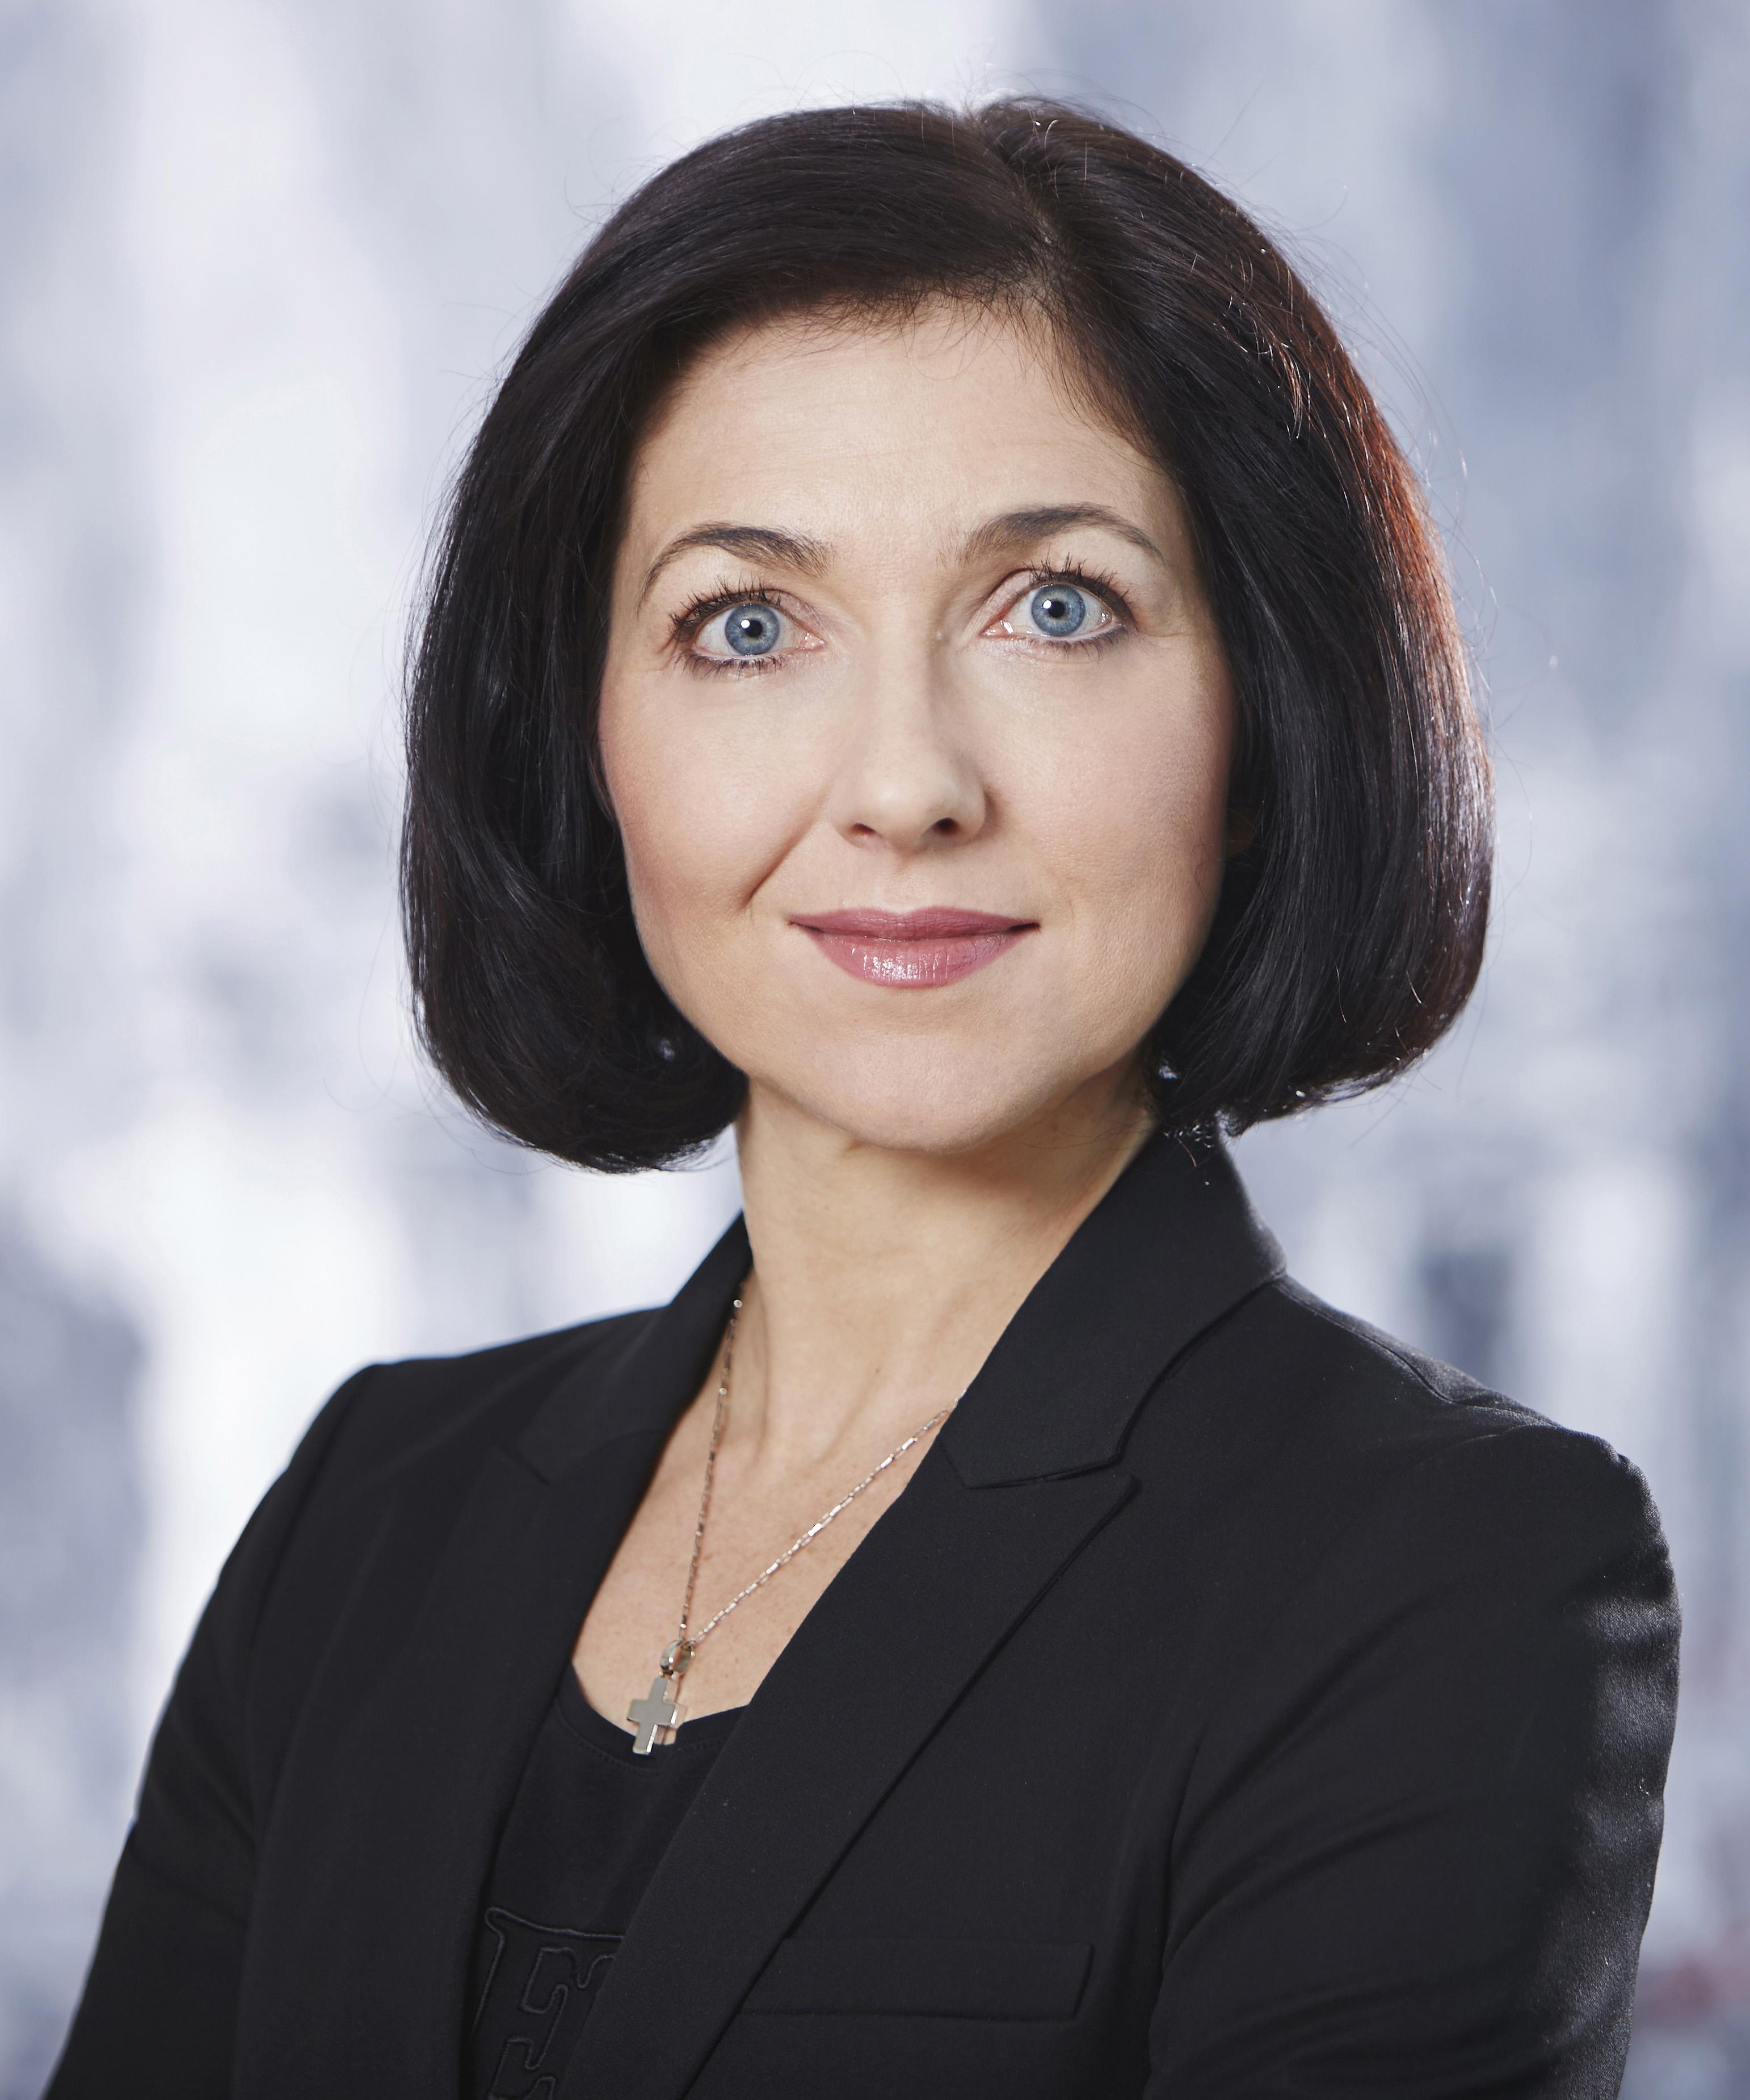 © Foto: Verband kommunaler Unternehmen (VKU)